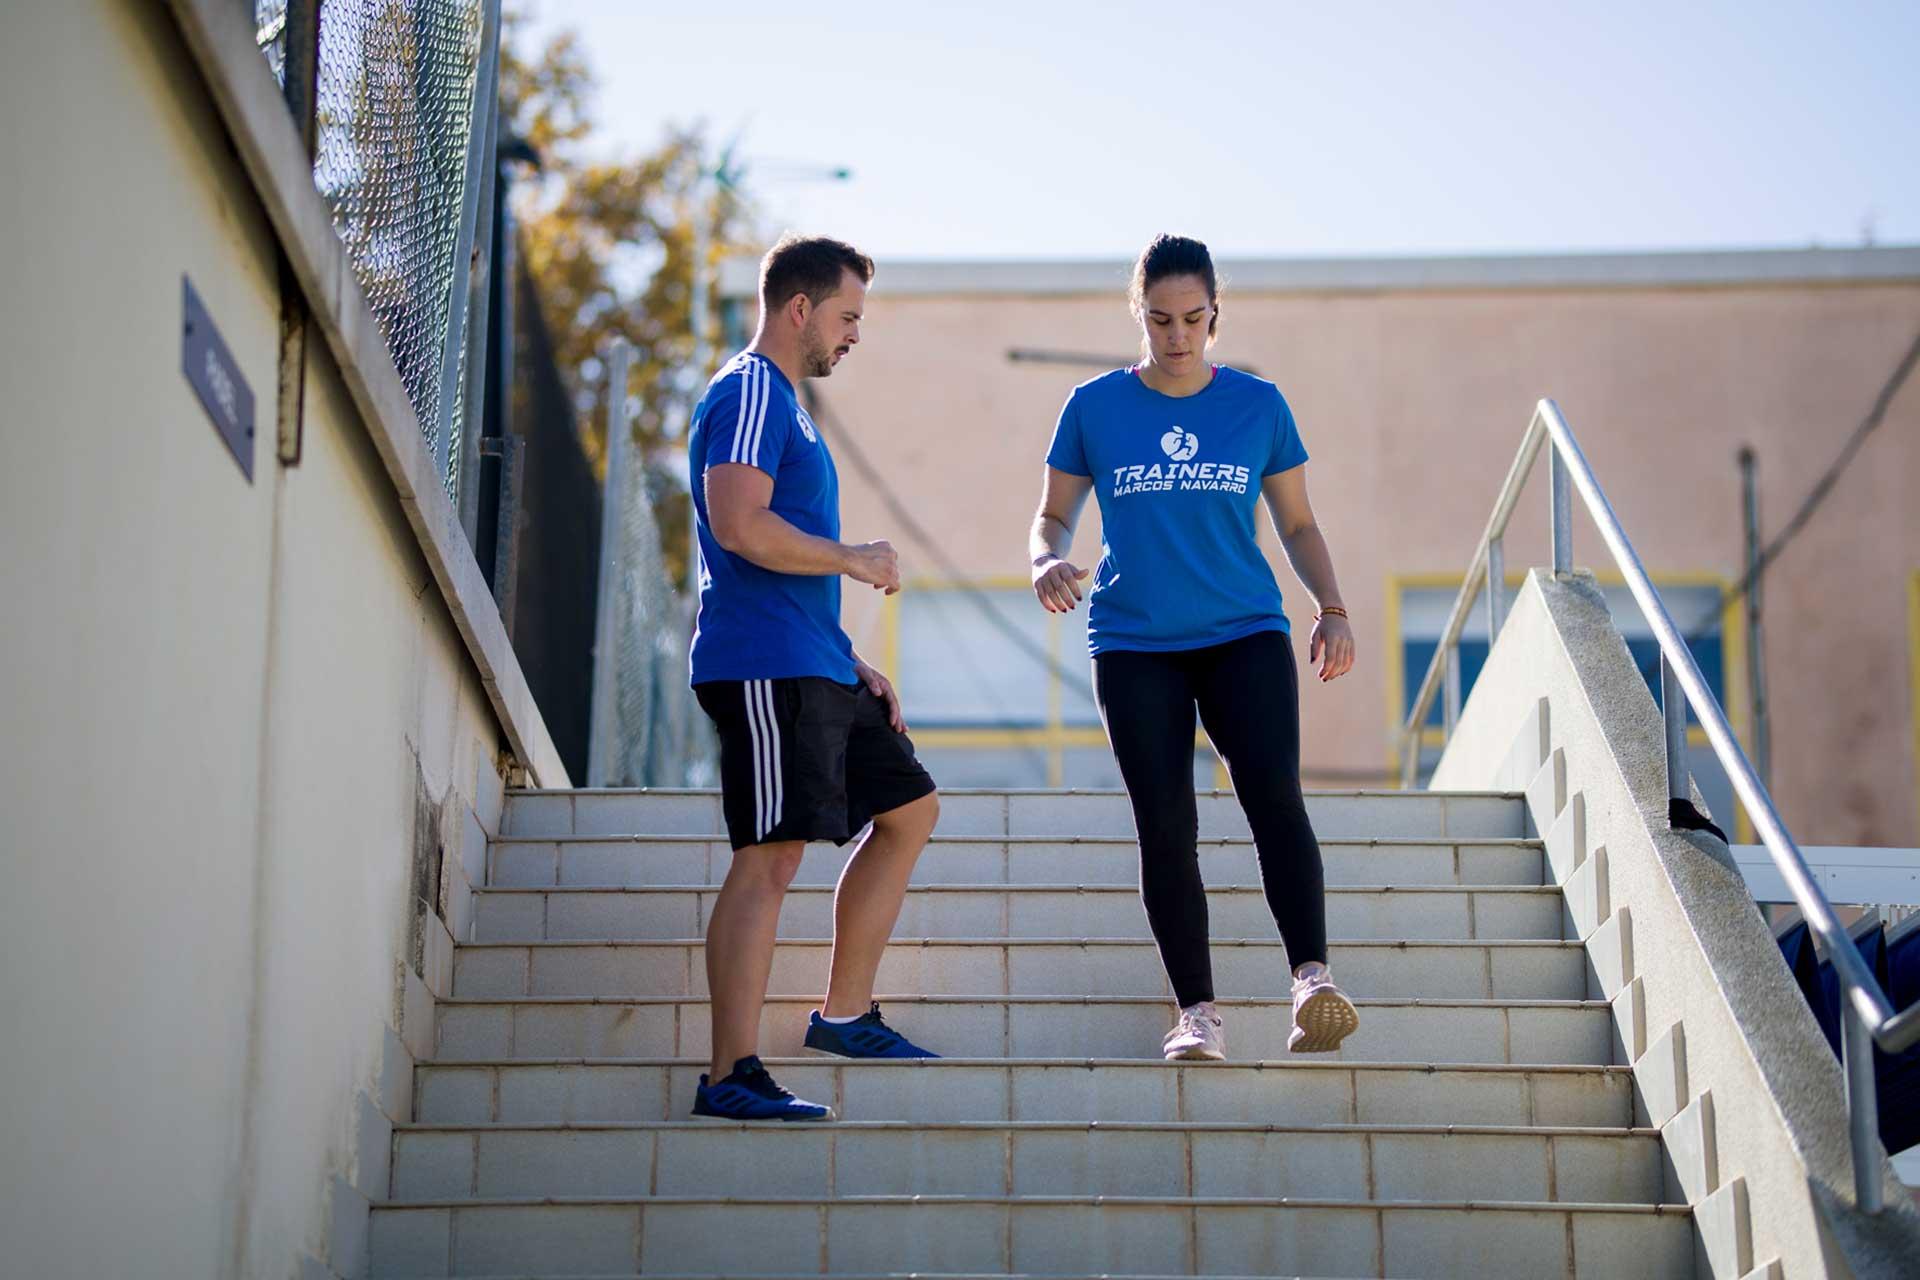 Trainers Marcos entrenamiento 1